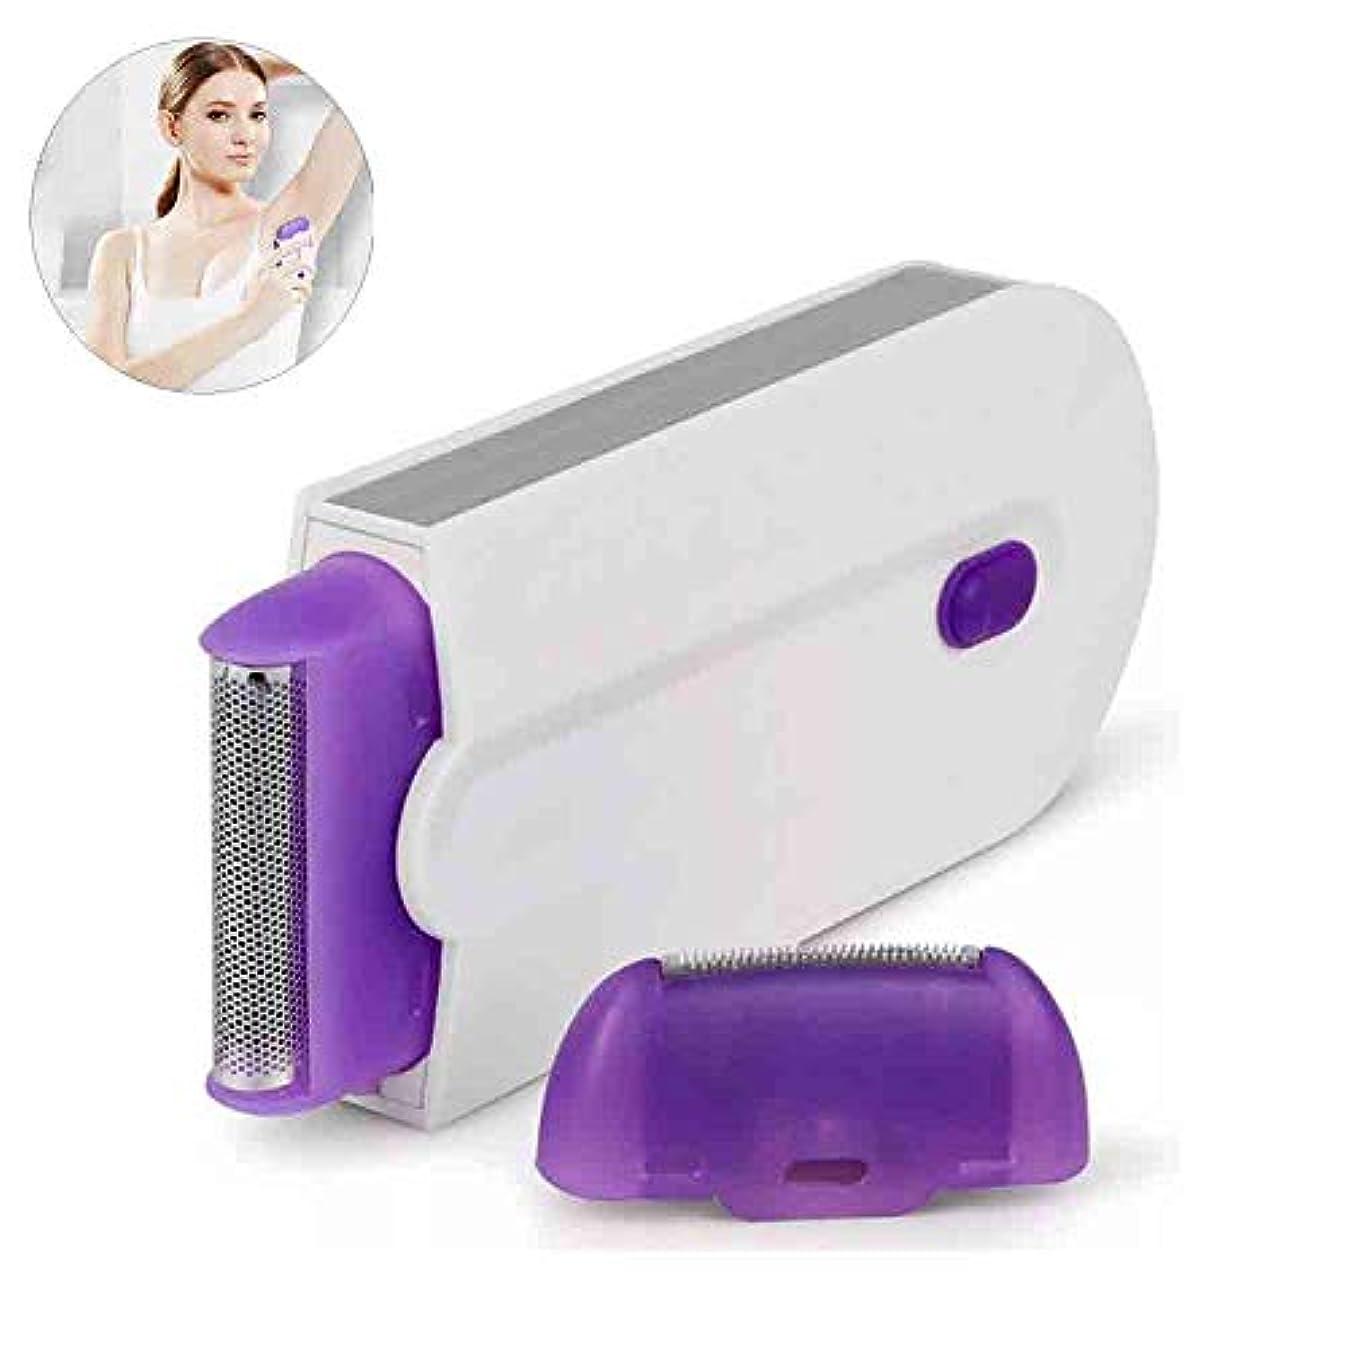 酸化するゲインセイアナウンサー電気シェーバー、USB 充電誘導の女性の摘採装置、レーザー脱毛